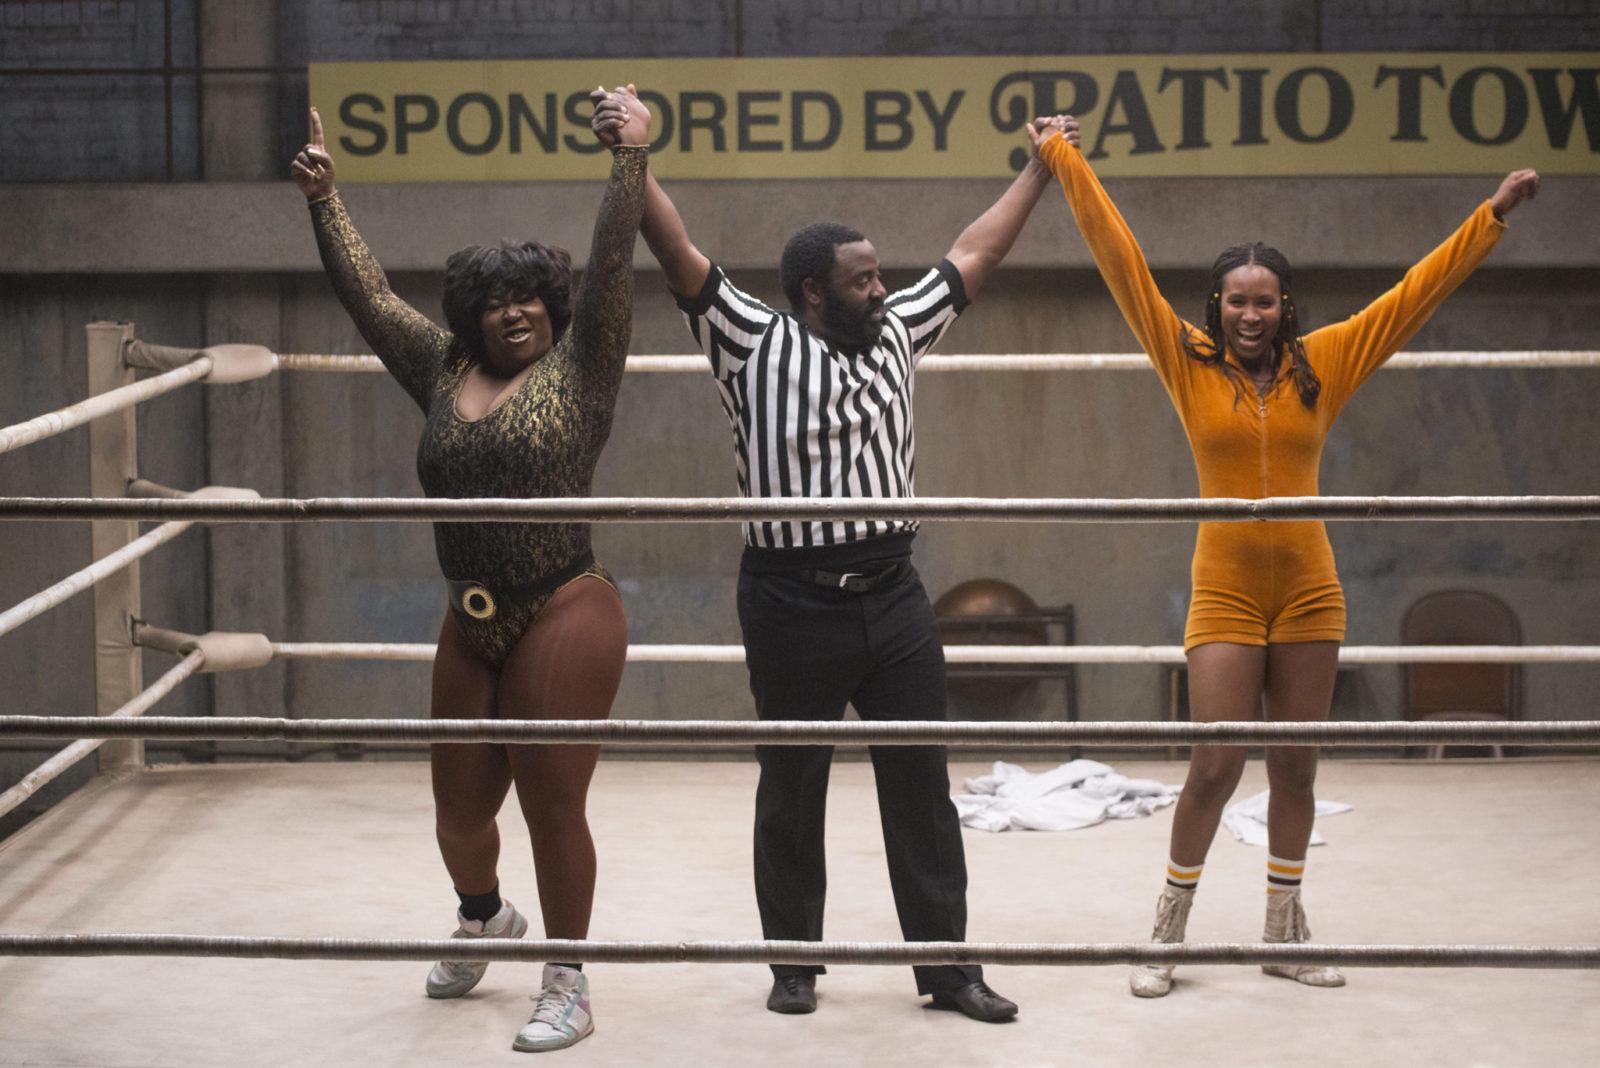 Dwie dziewczyny ubrane w trykoty stojące na ringu